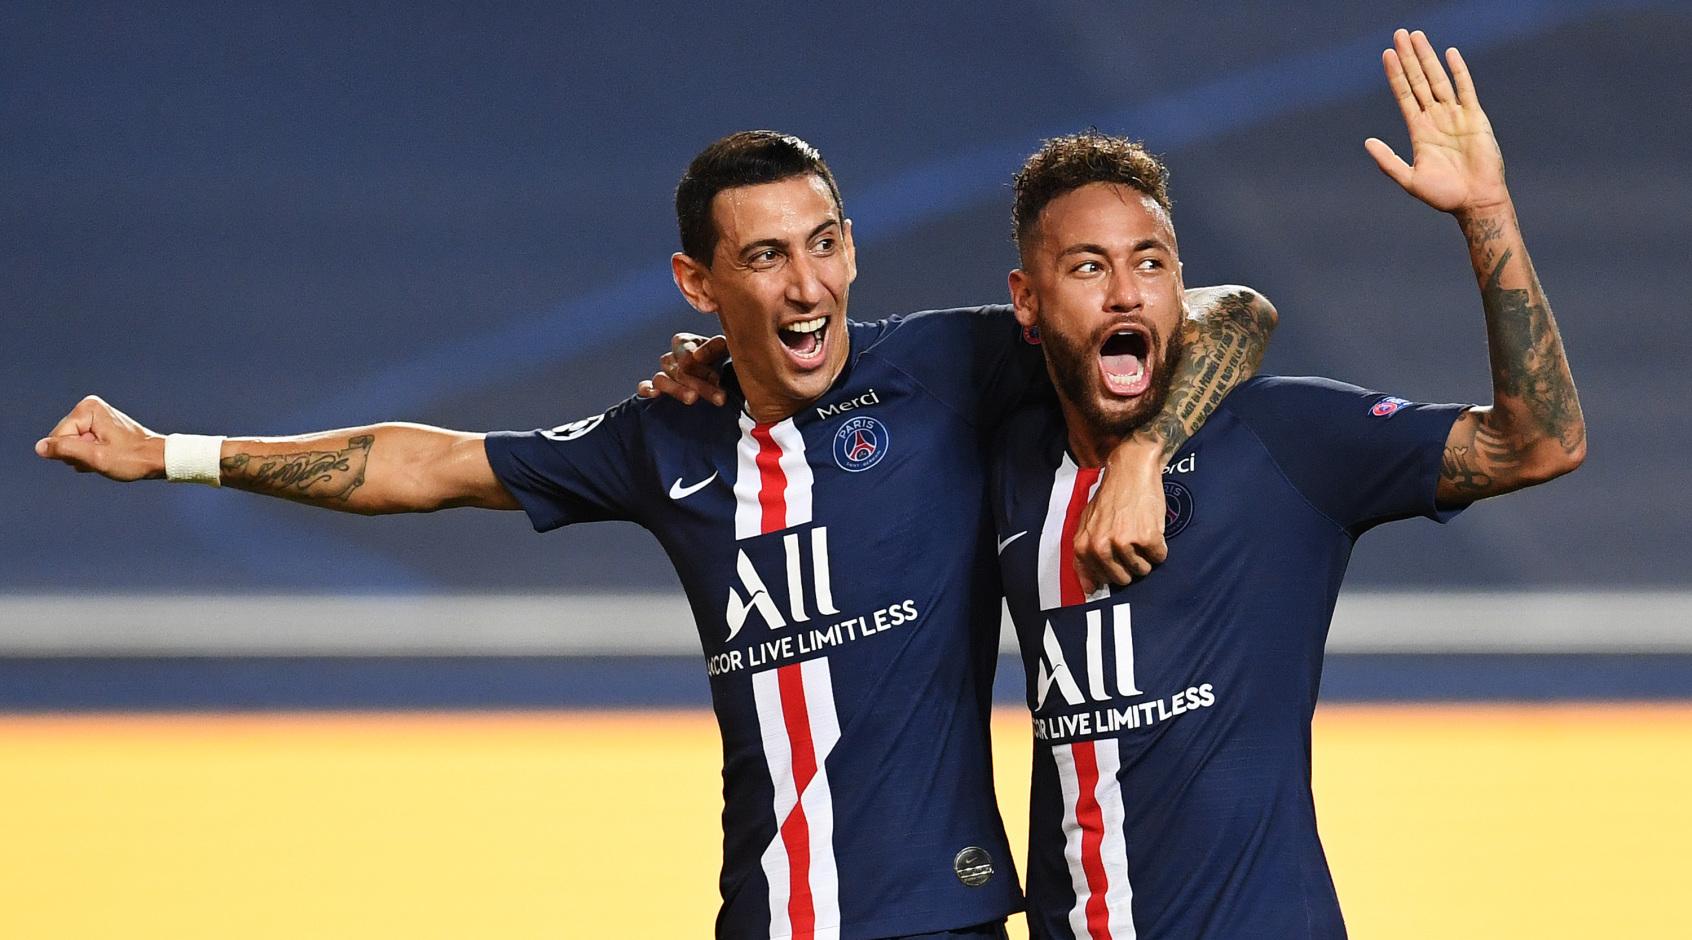 Неймар, Мбаппе и Рамос не попали в заявку ПСЖ на Суперкубок Франции, который состоится в Израиле